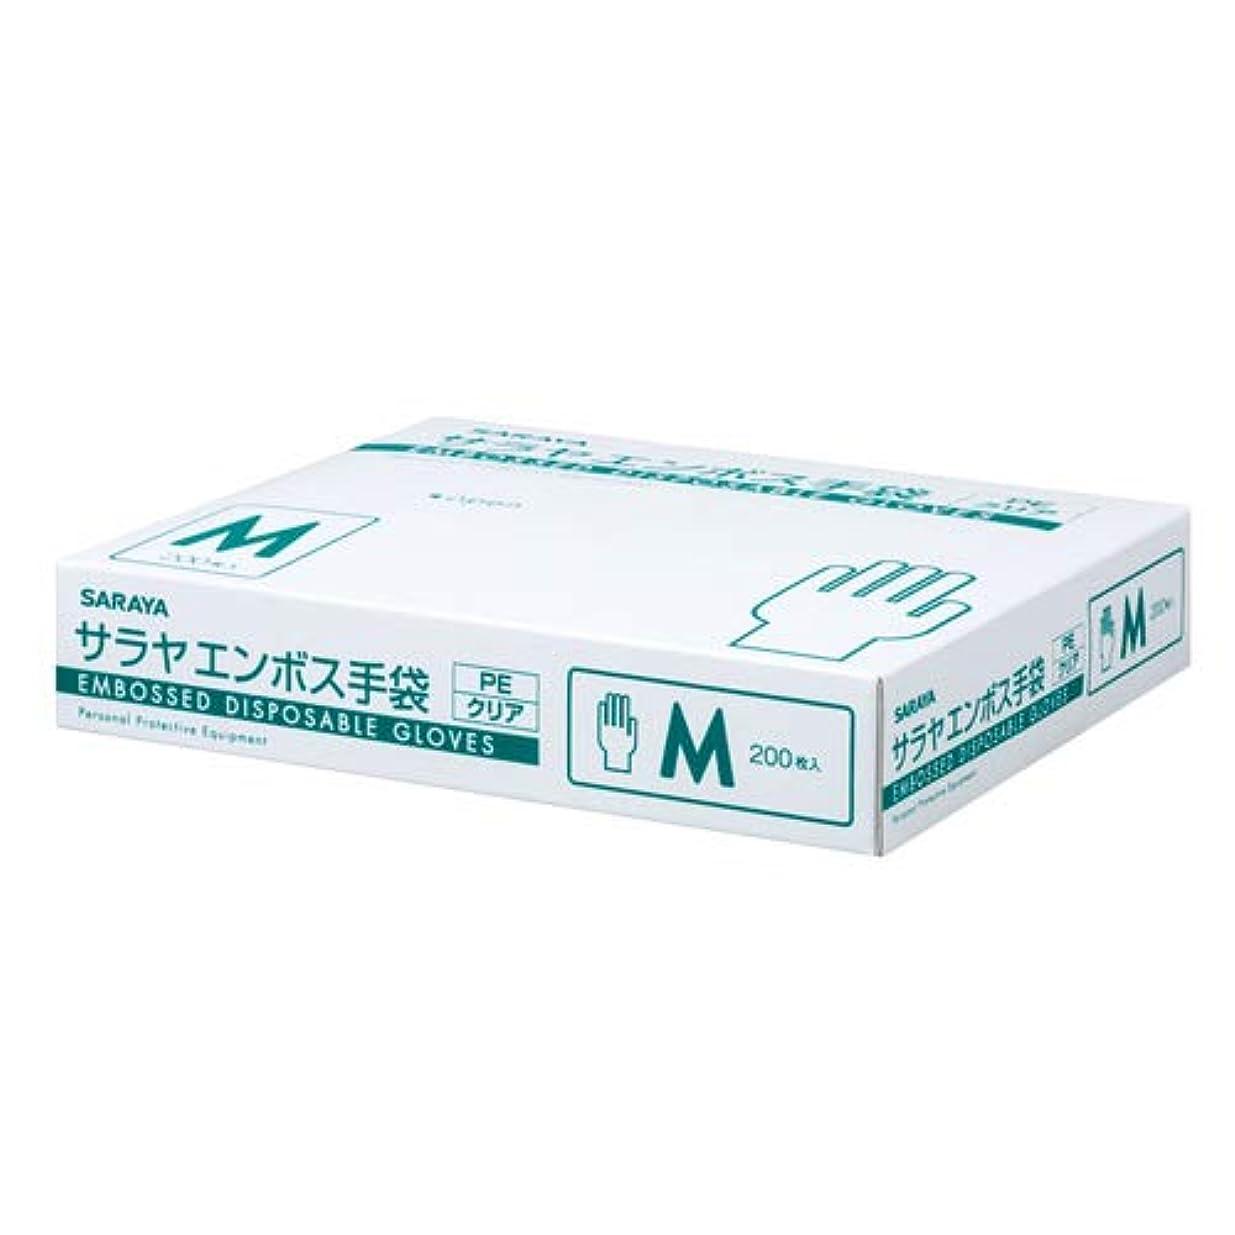 徹底的に放棄倒産サラヤ 使い捨て手袋 エンボス手袋 PEクリア Mサイズ 200枚入